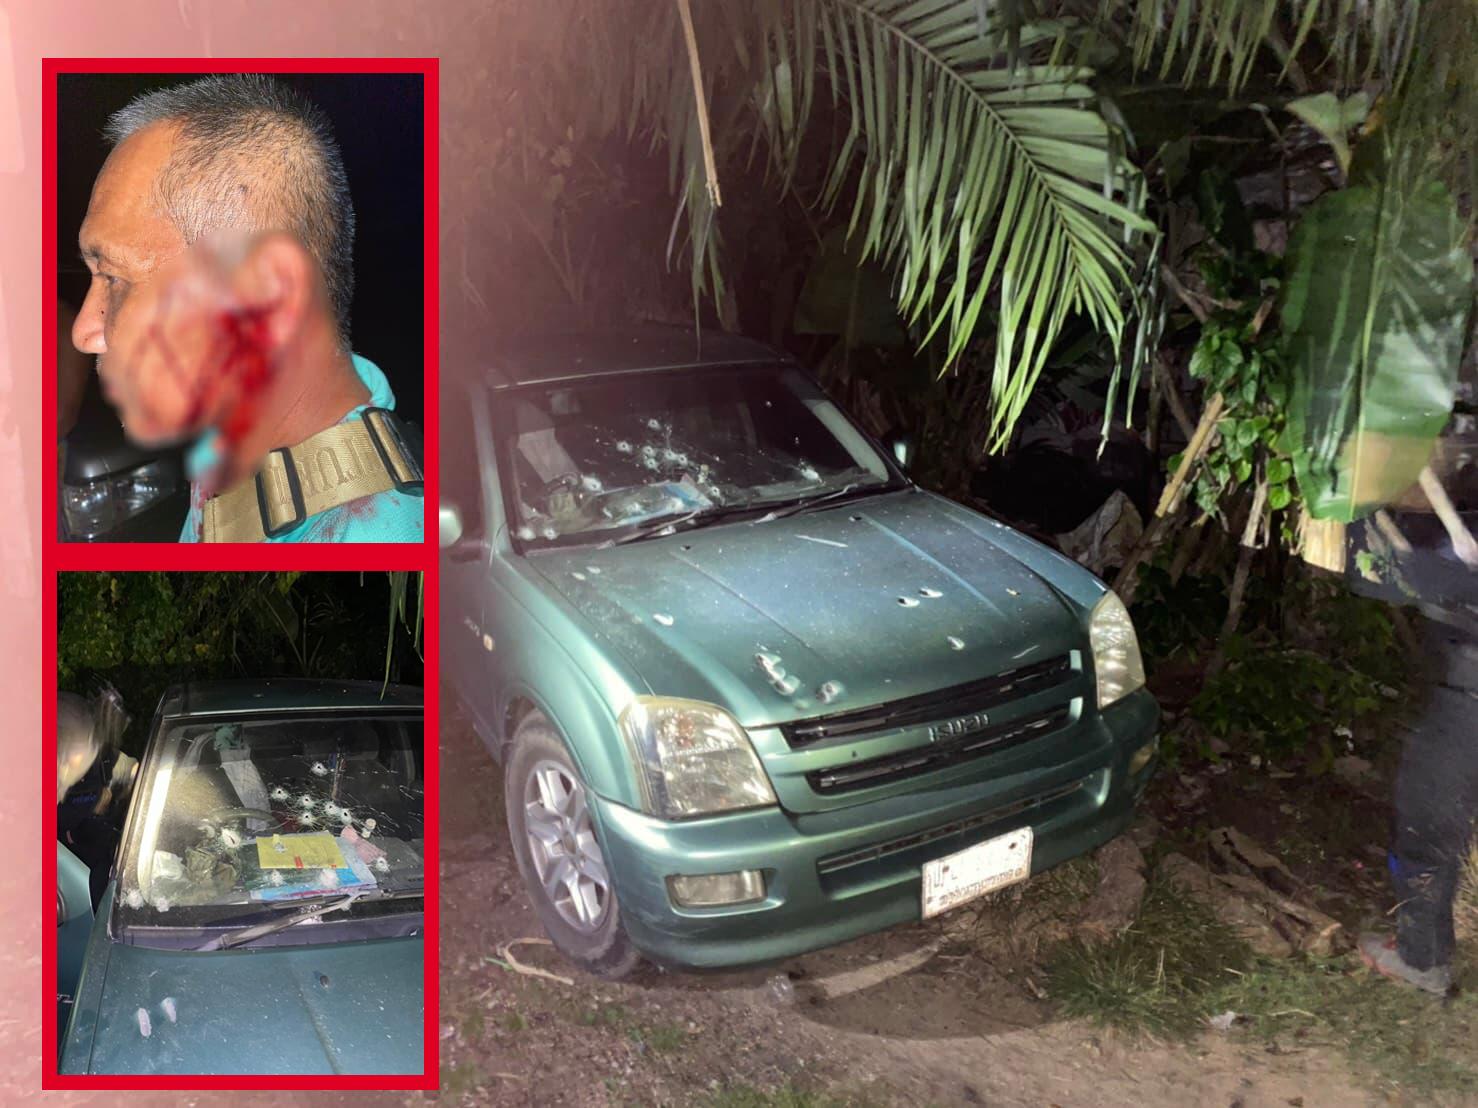 คนร้ายซุ่มยิงถล่มรถทหารบนถนนที่นราธิวาส